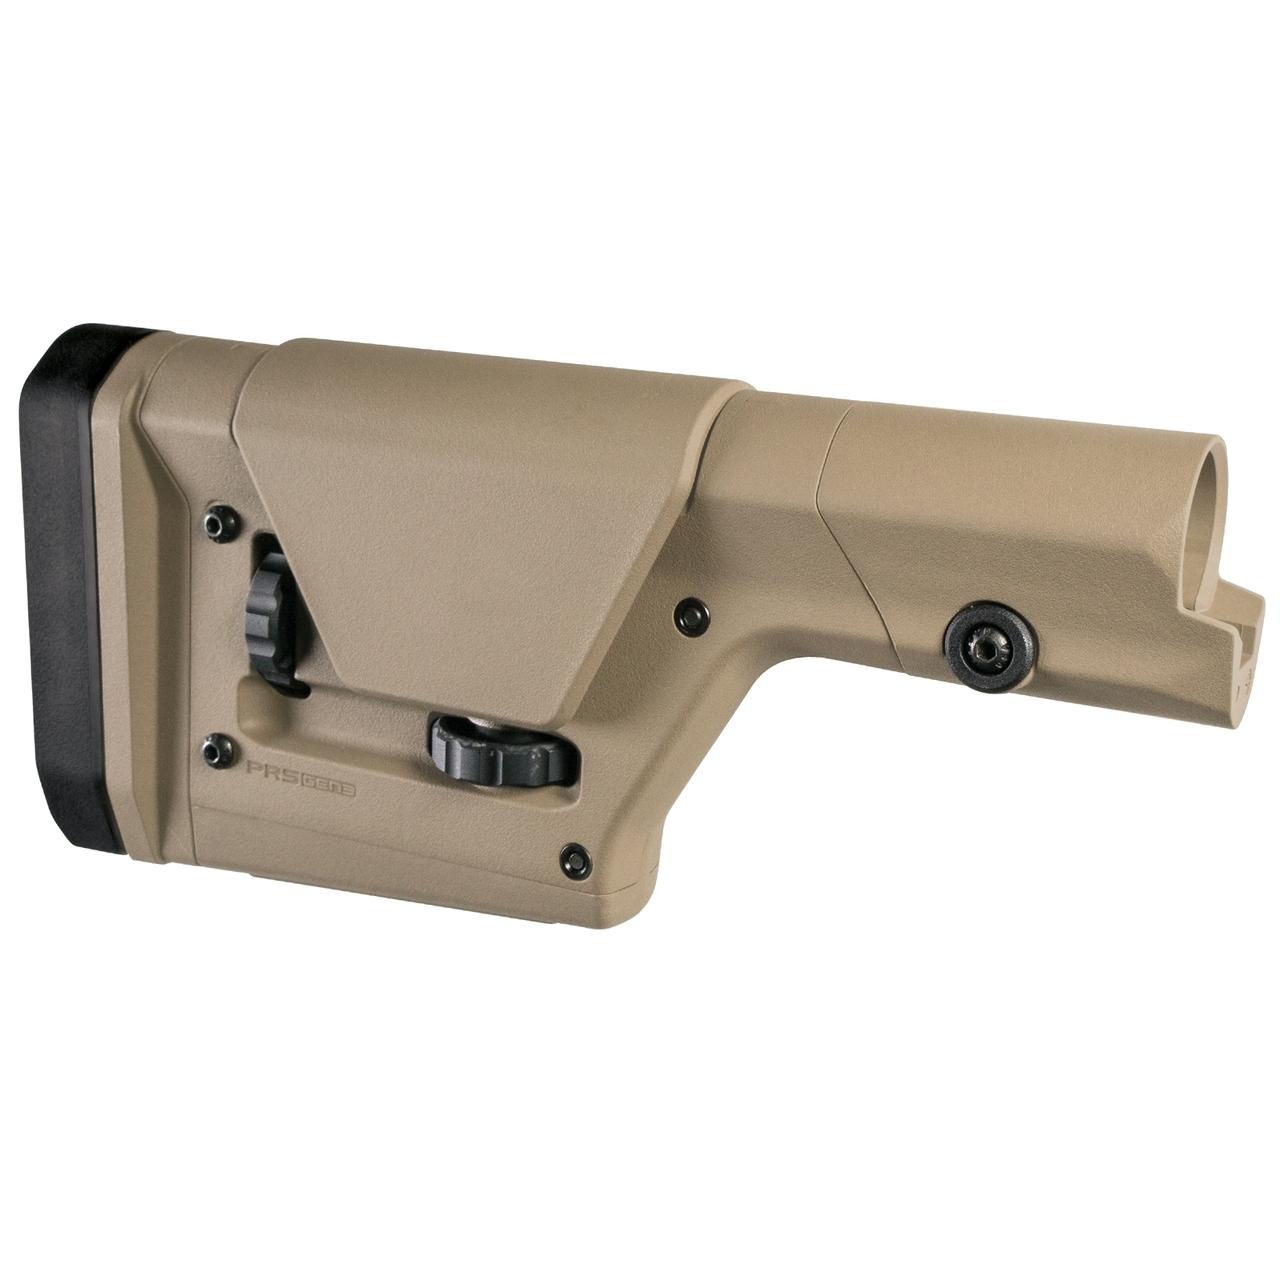 Magpul PRS Gen 3 Precision-Adjustable Stock FDE